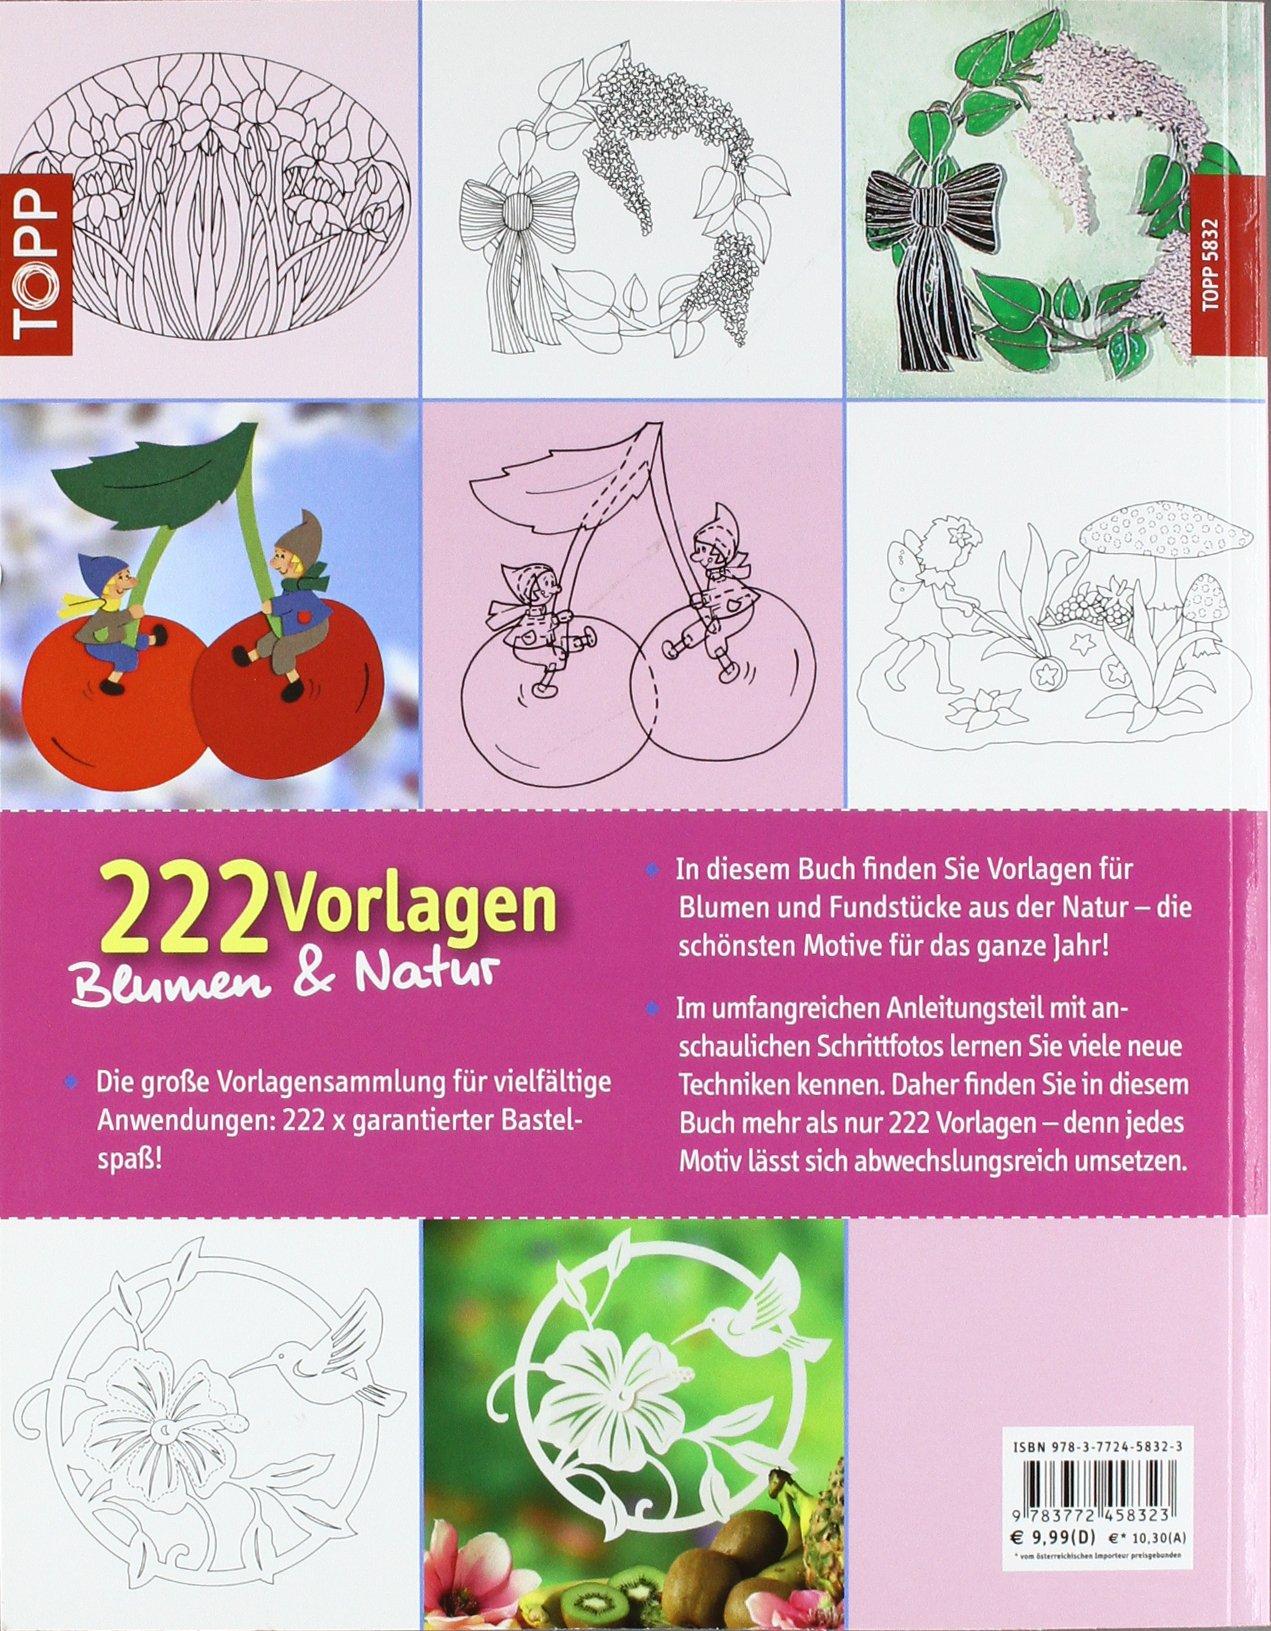 222 Vorlagen Blumen und Natur: Vielfältig nutzbar für Fensterbilder ...